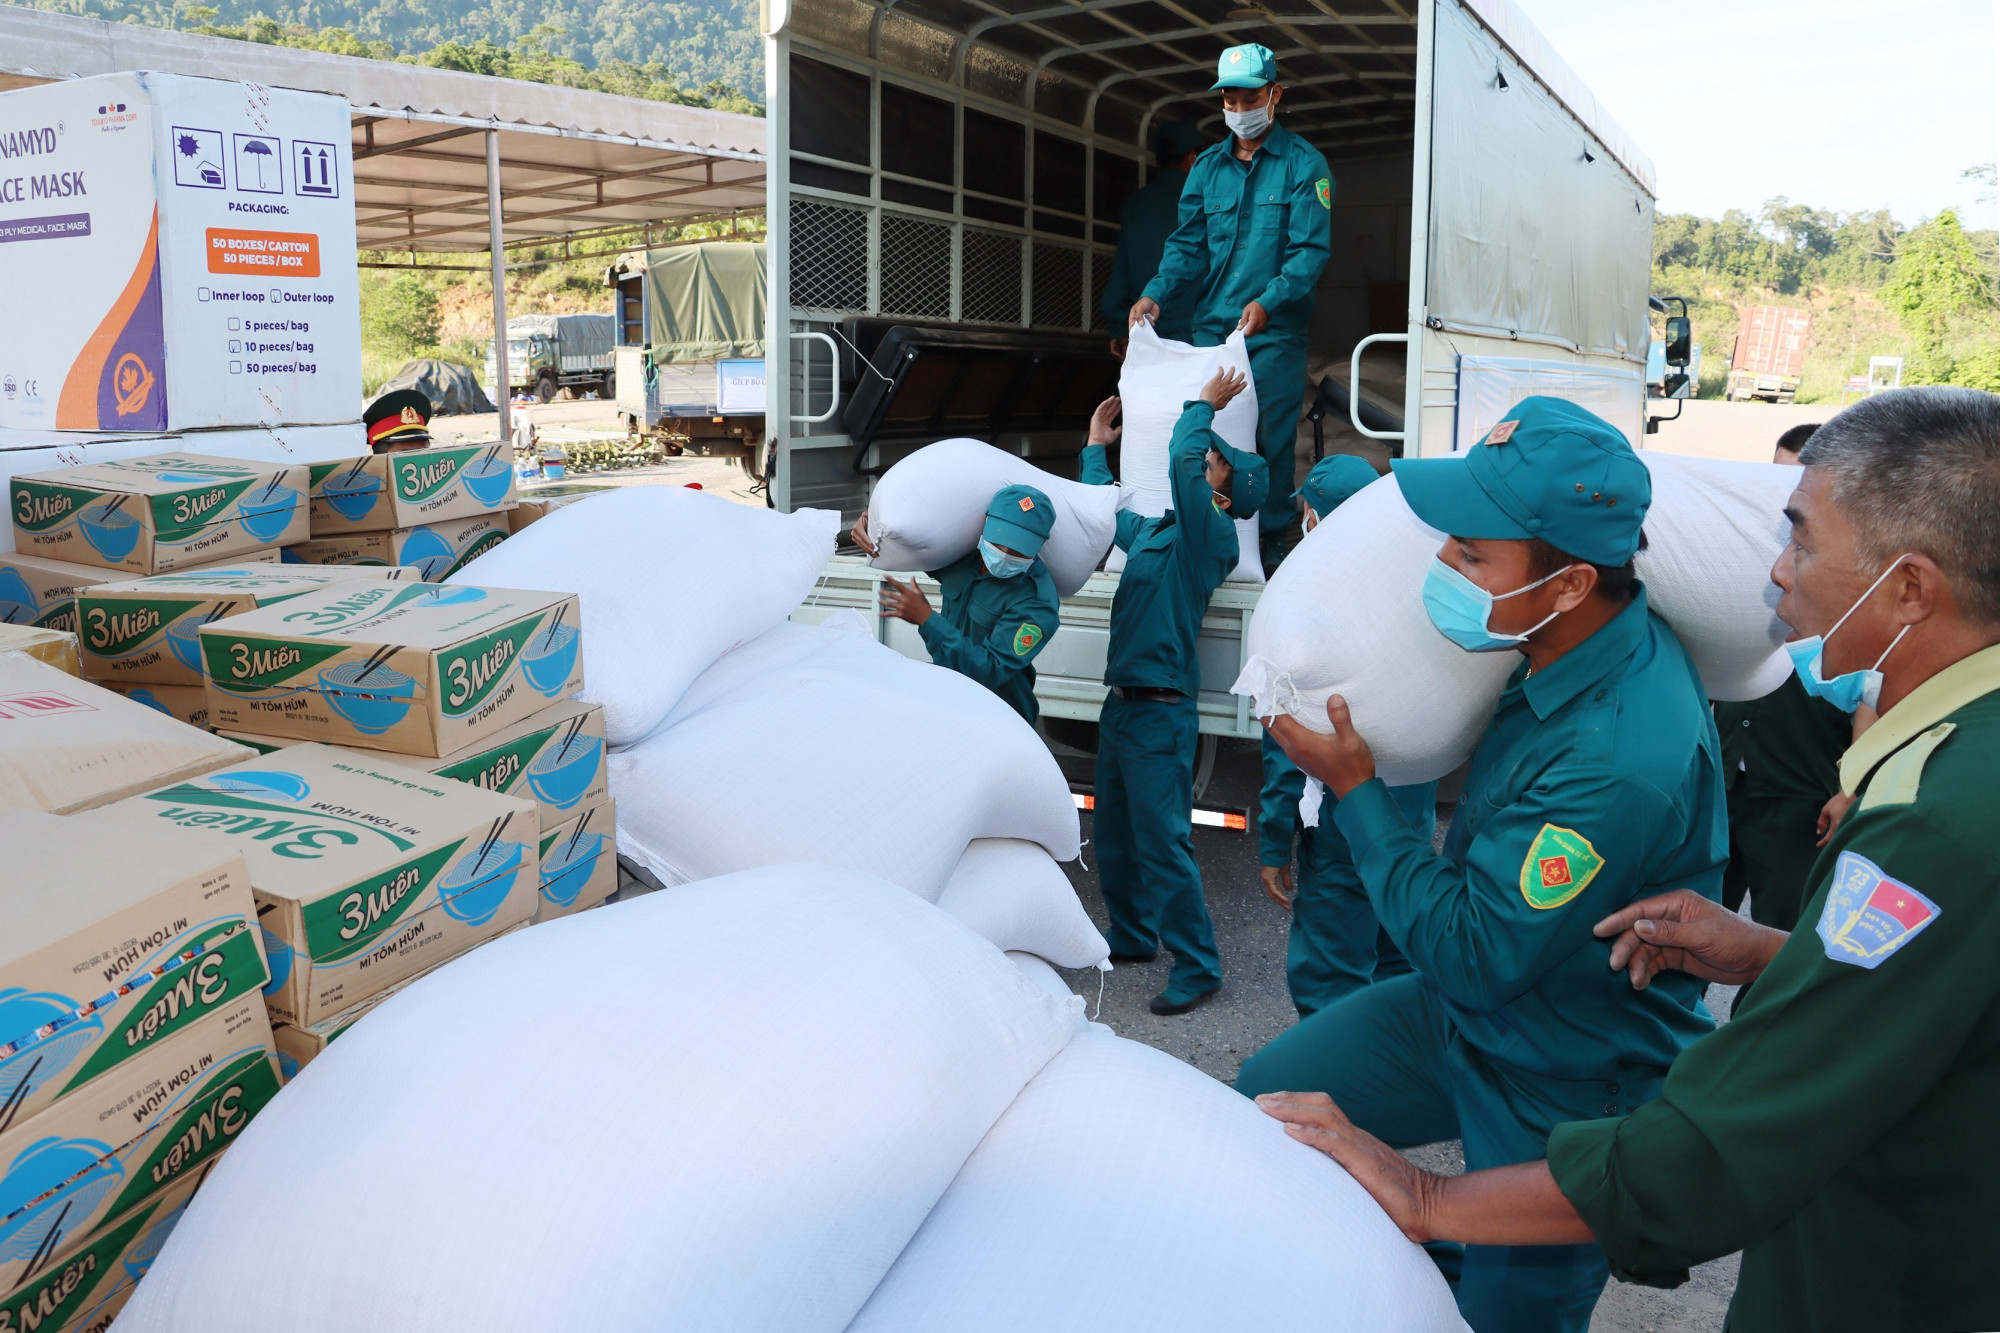 5 tấn gạo cùng các thiết bị y tế, nước rửa tay kháng khuẩn cùng mỳ tôm đã được trao tặng cho 2 tỉnh SaLaVan và SeKong - Lào